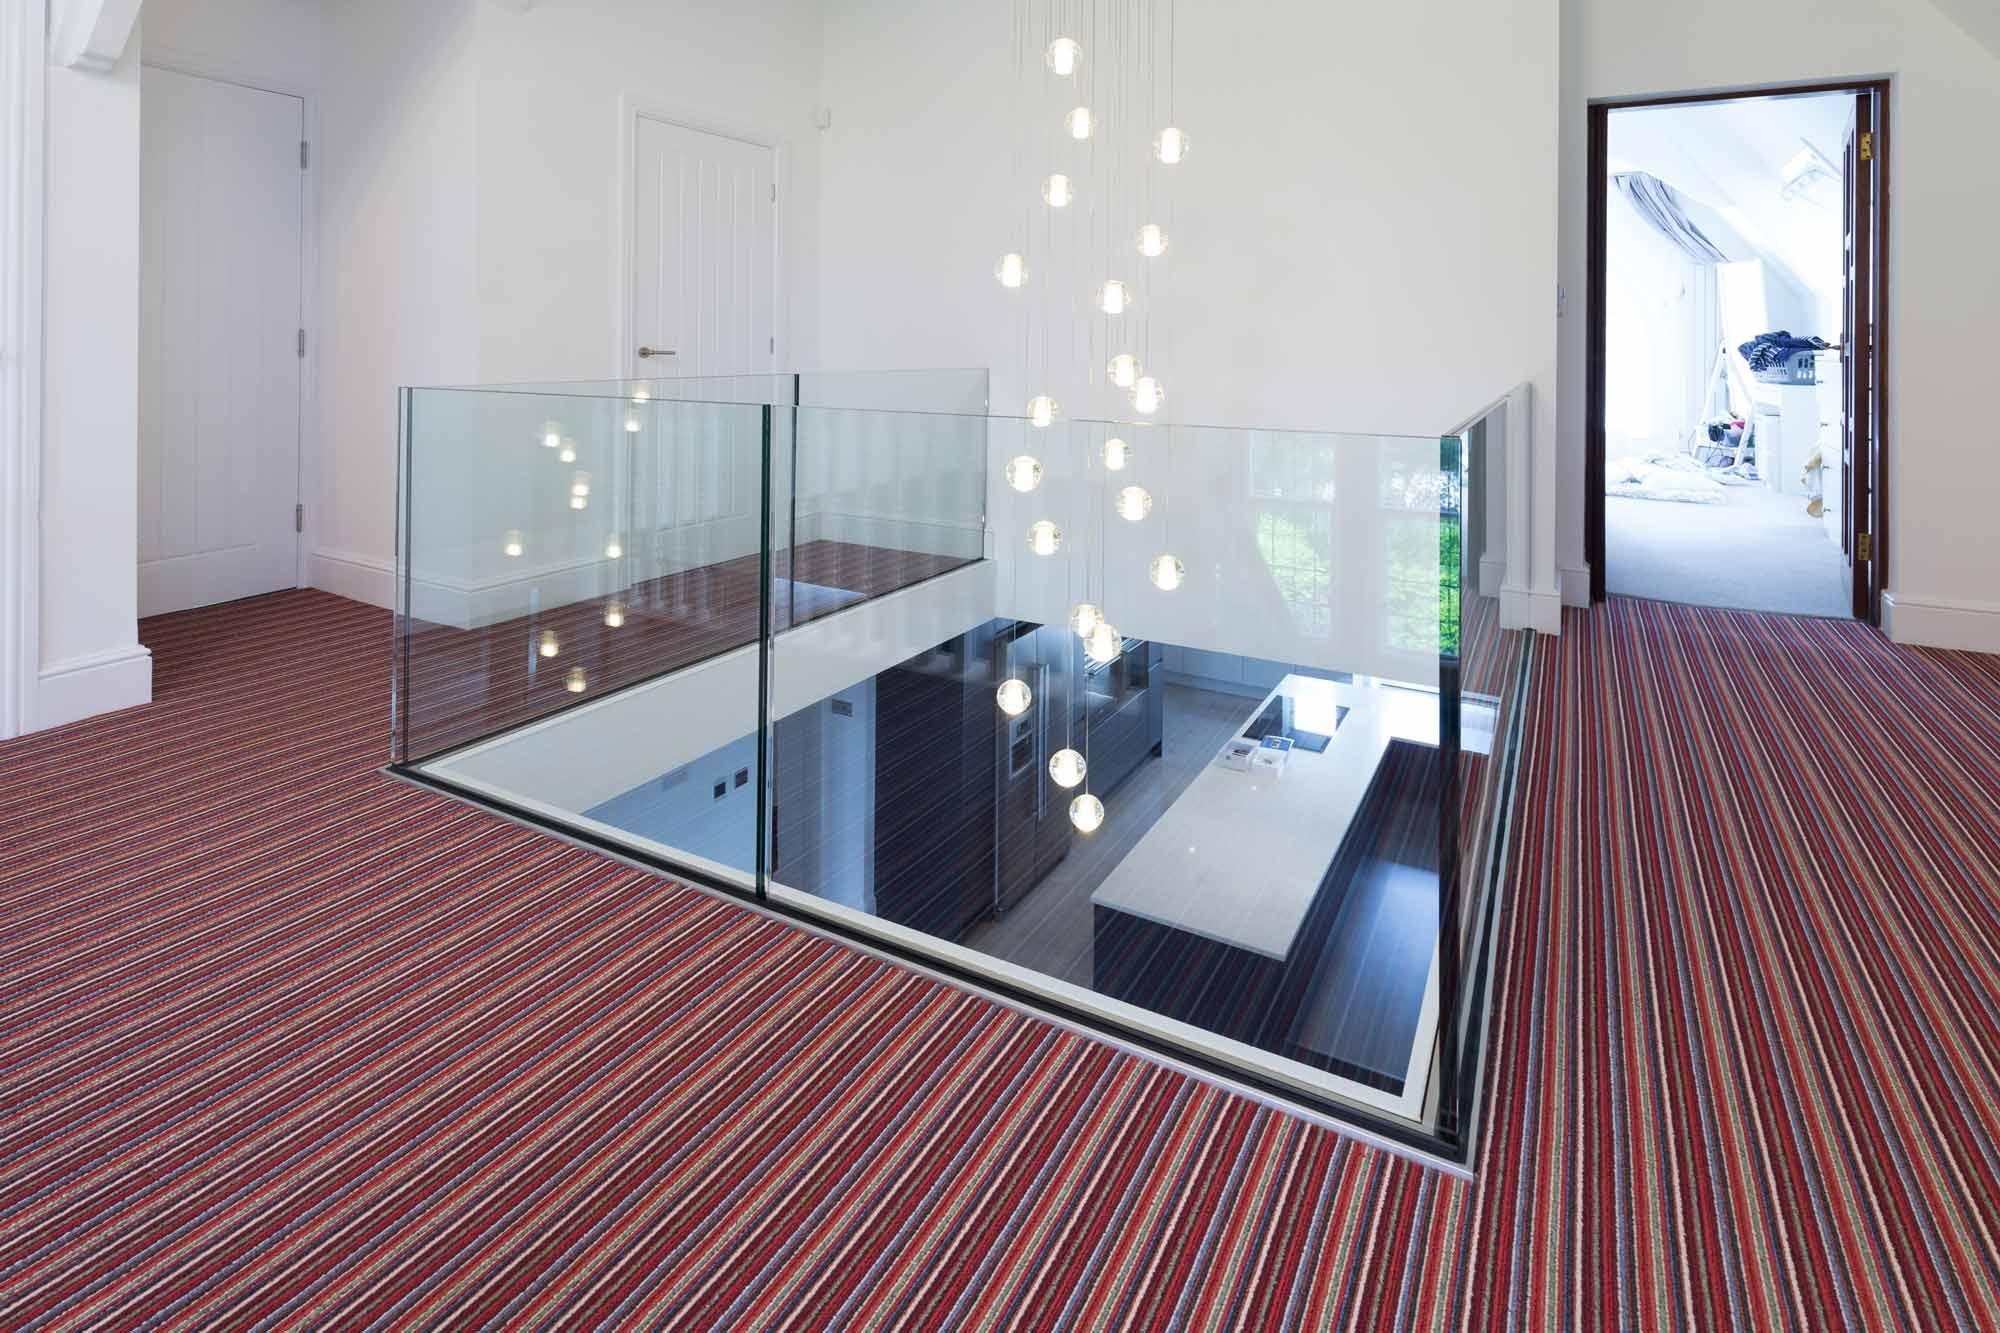 frameless glass balustrade landing staircase